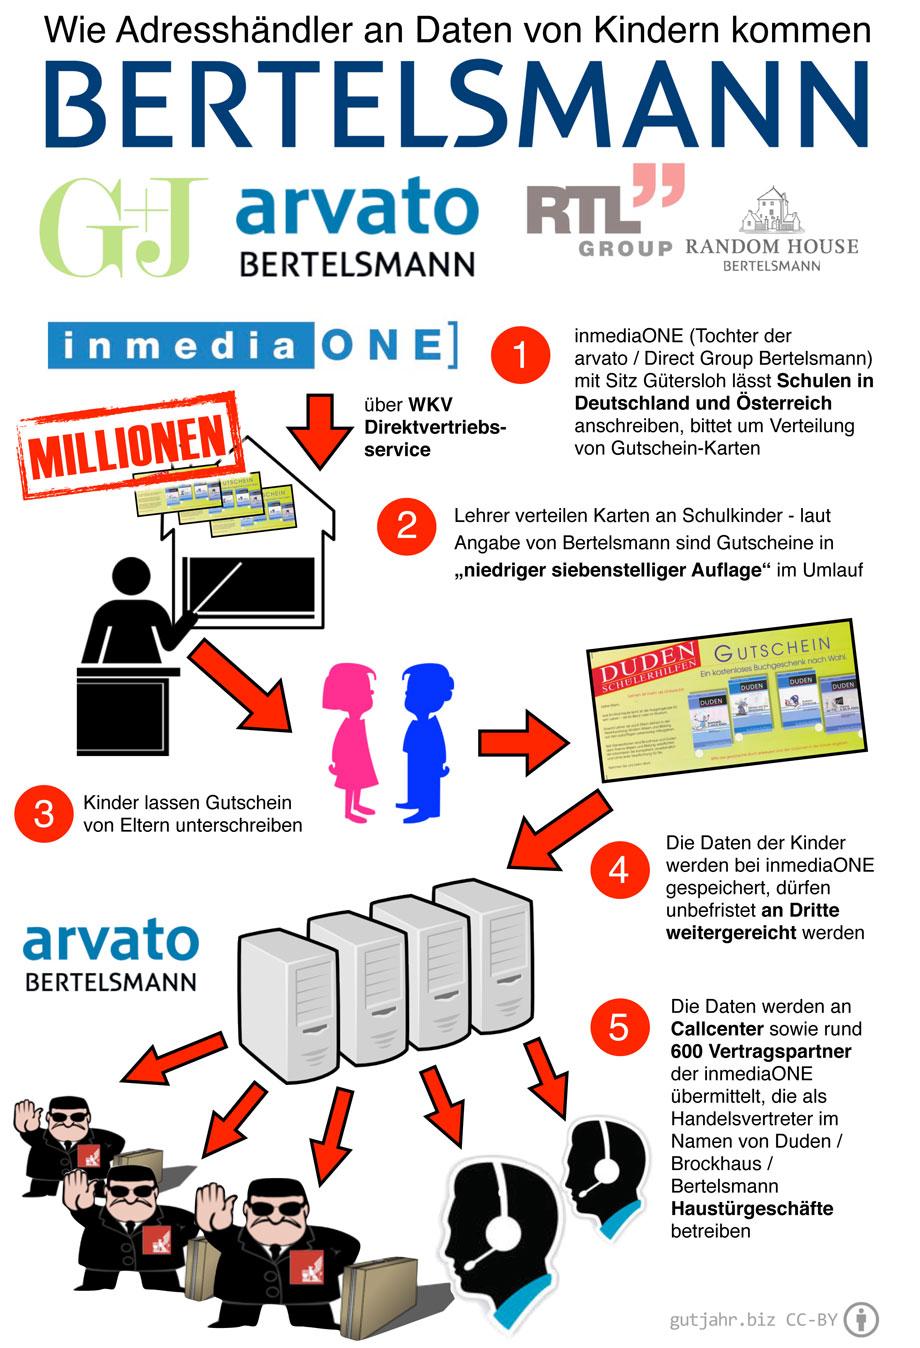 Bertelsmann Kinder Datenschutz